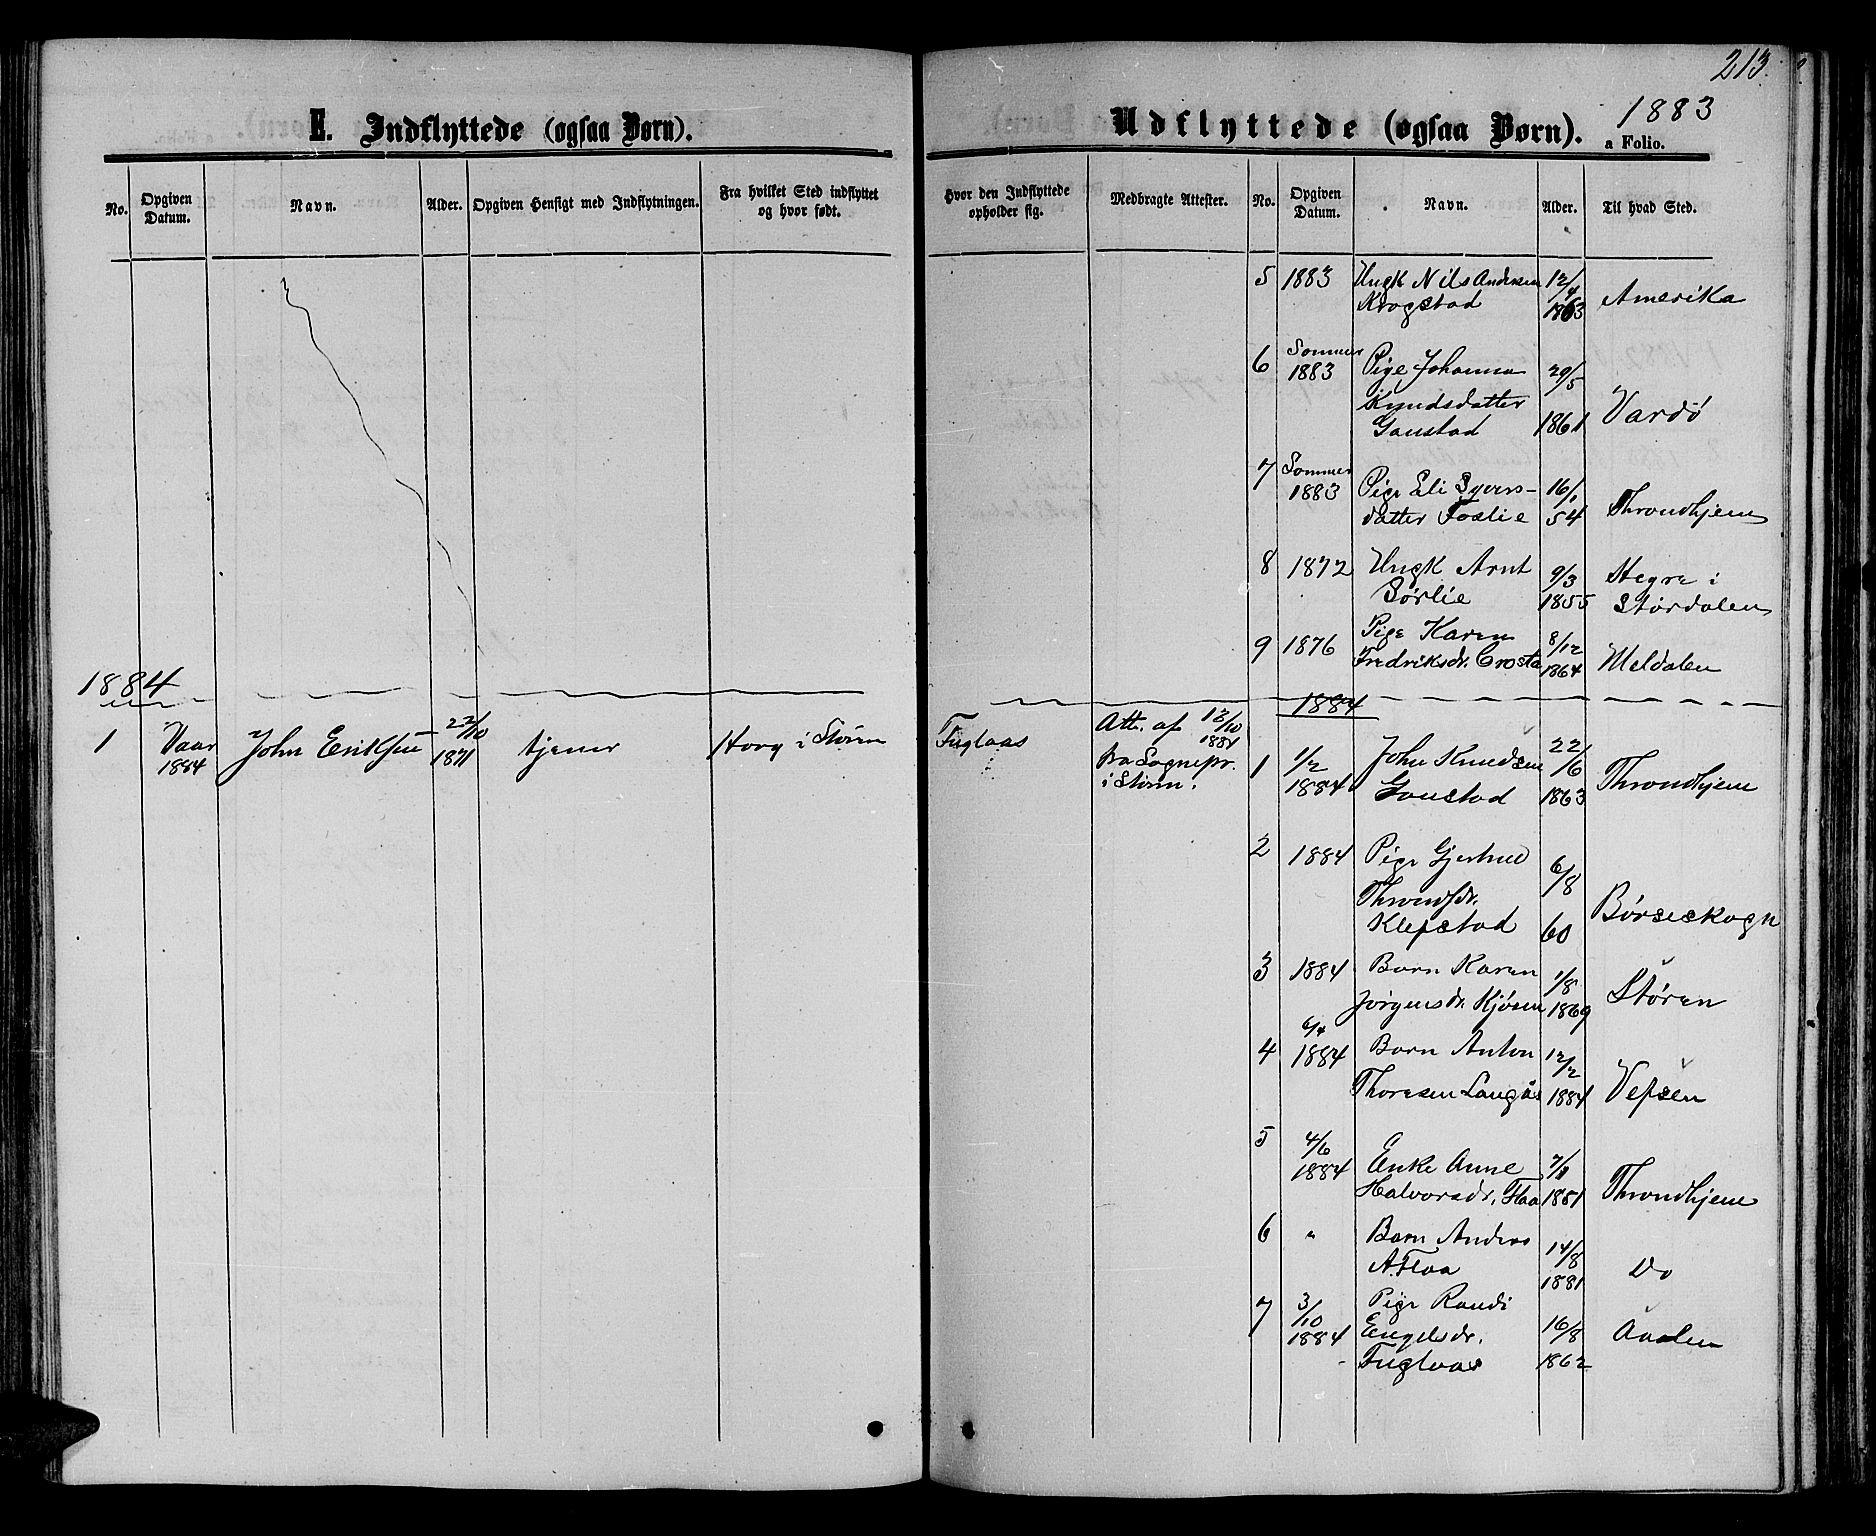 SAT, Ministerialprotokoller, klokkerbøker og fødselsregistre - Sør-Trøndelag, 694/L1131: Klokkerbok nr. 694C03, 1858-1886, s. 213